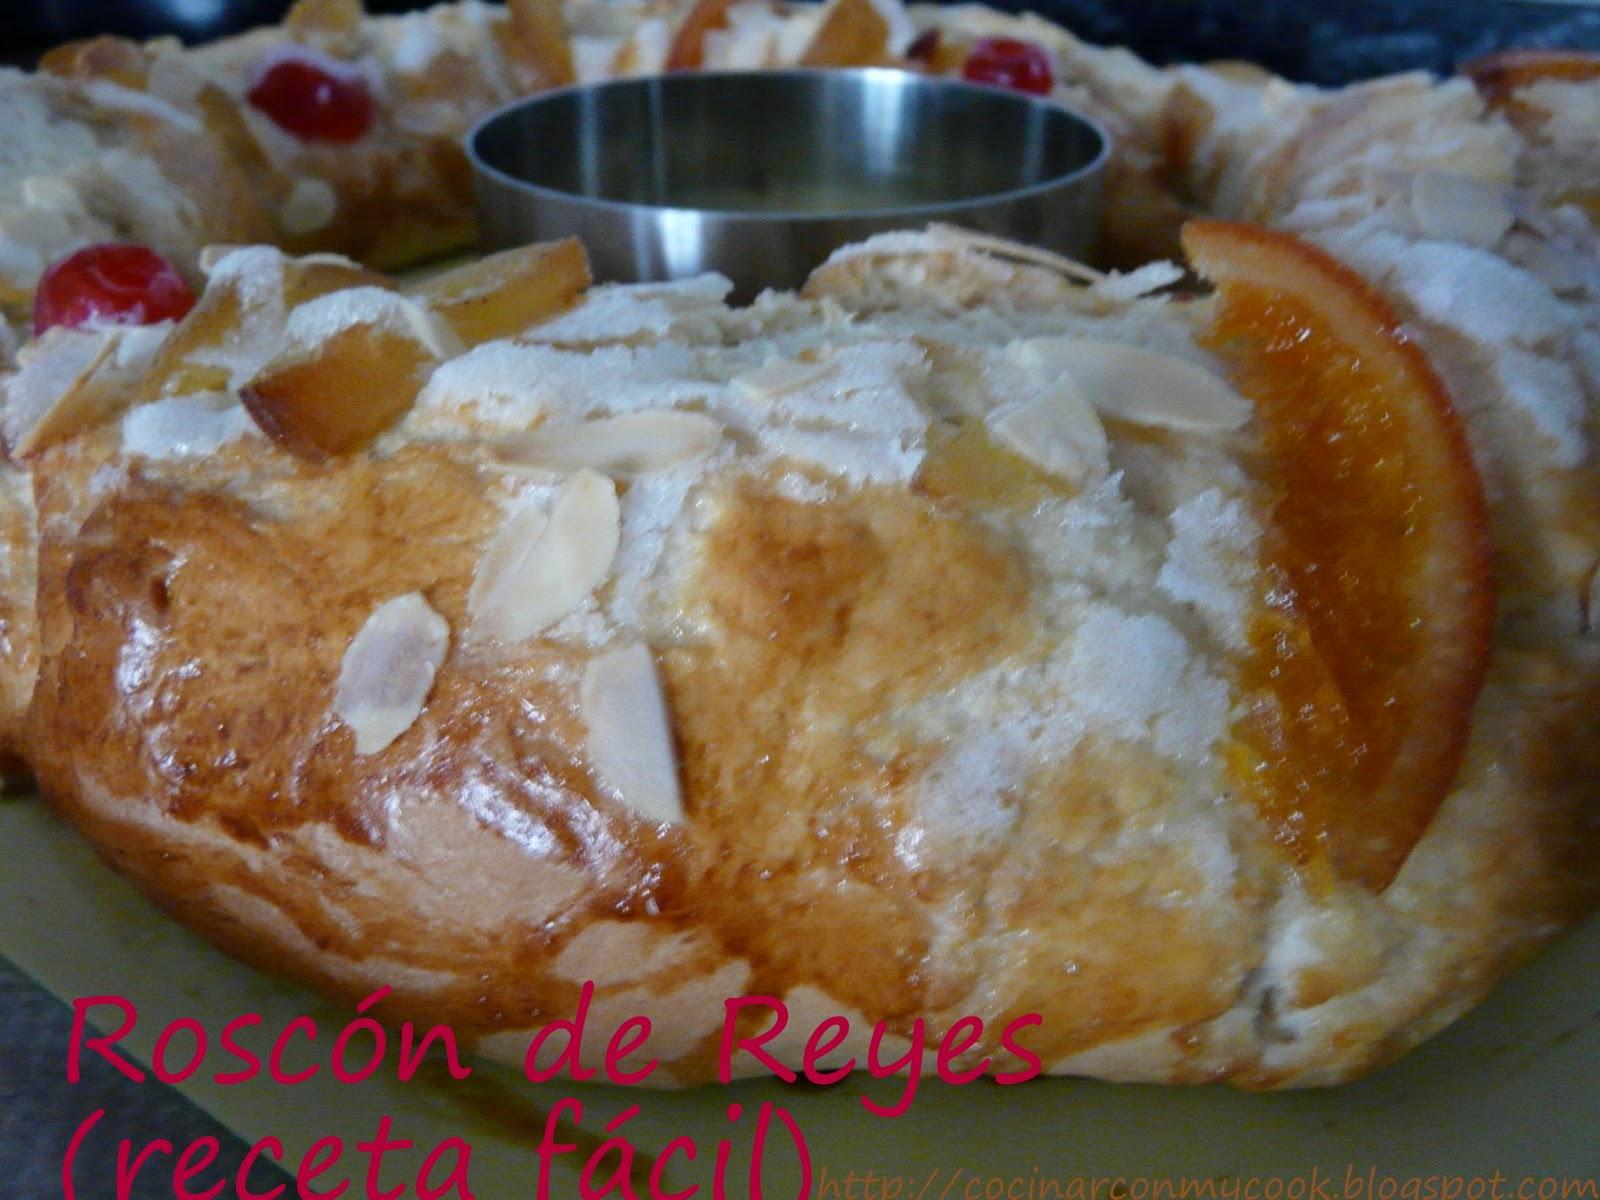 Cocinar con mycook rosc n de reyes receta f cil for Cocinar berenjenas facil